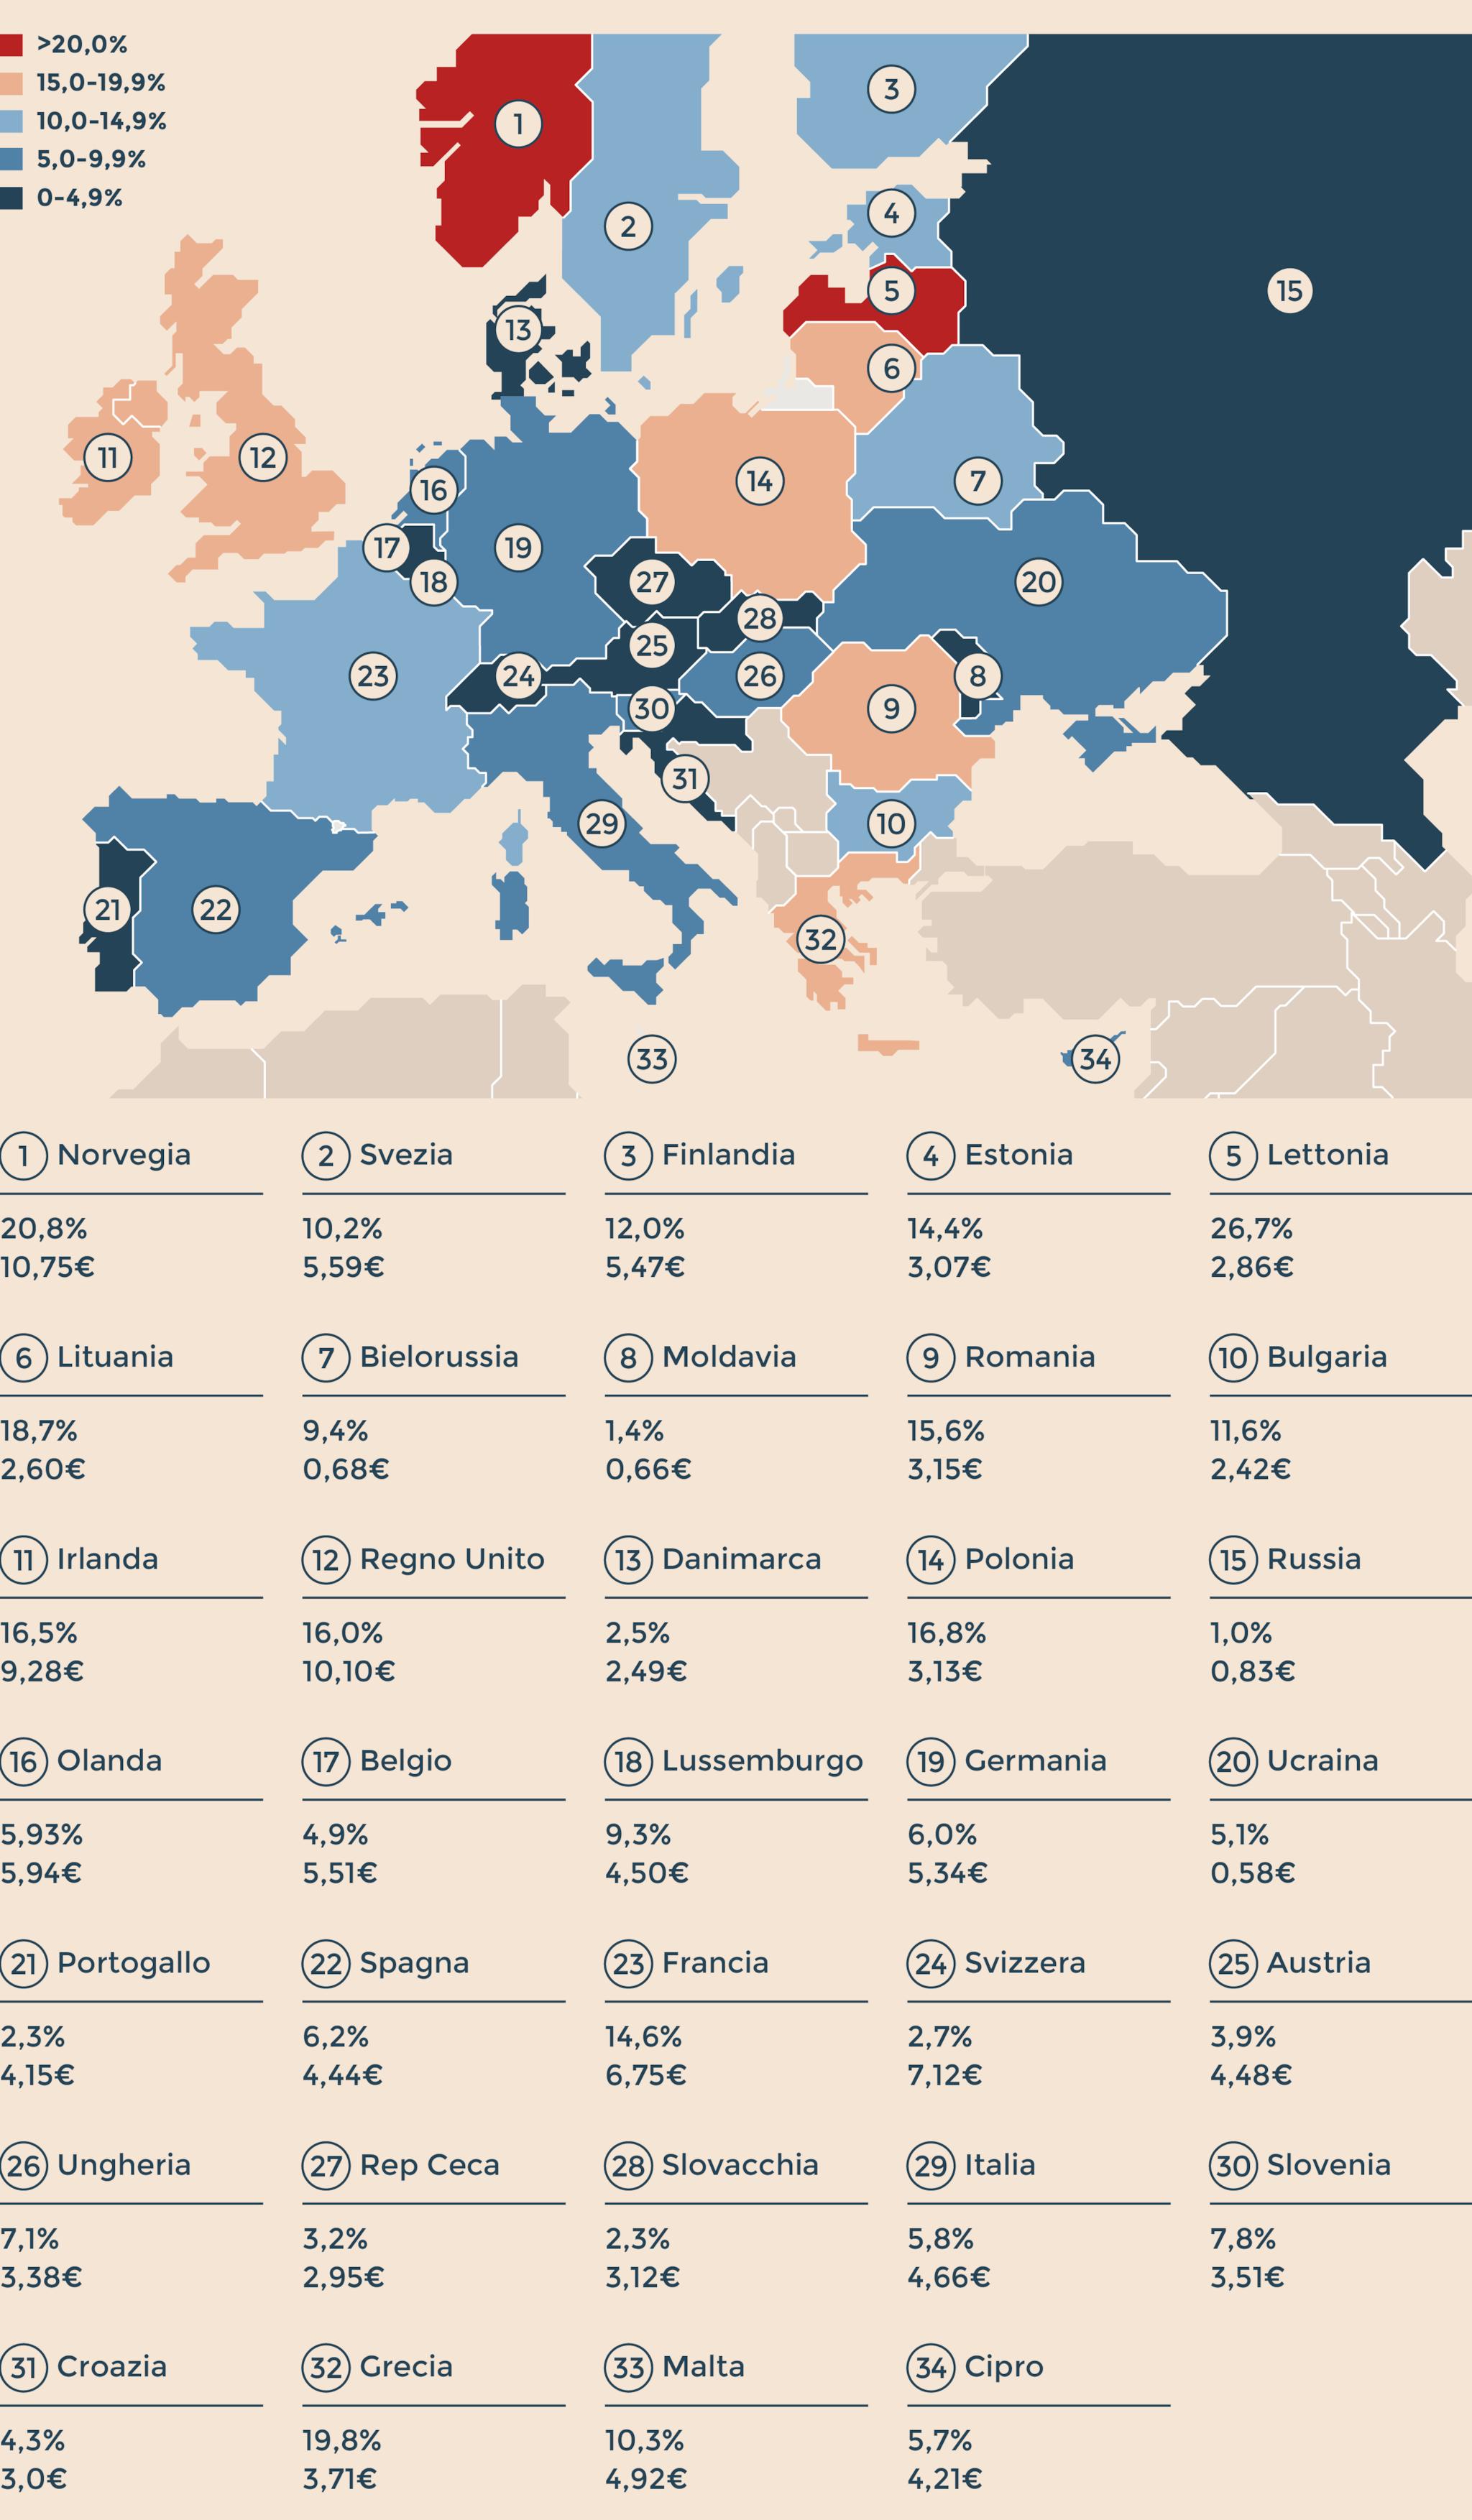 LA MAPPA EUROPEA DELL'ILLECITO